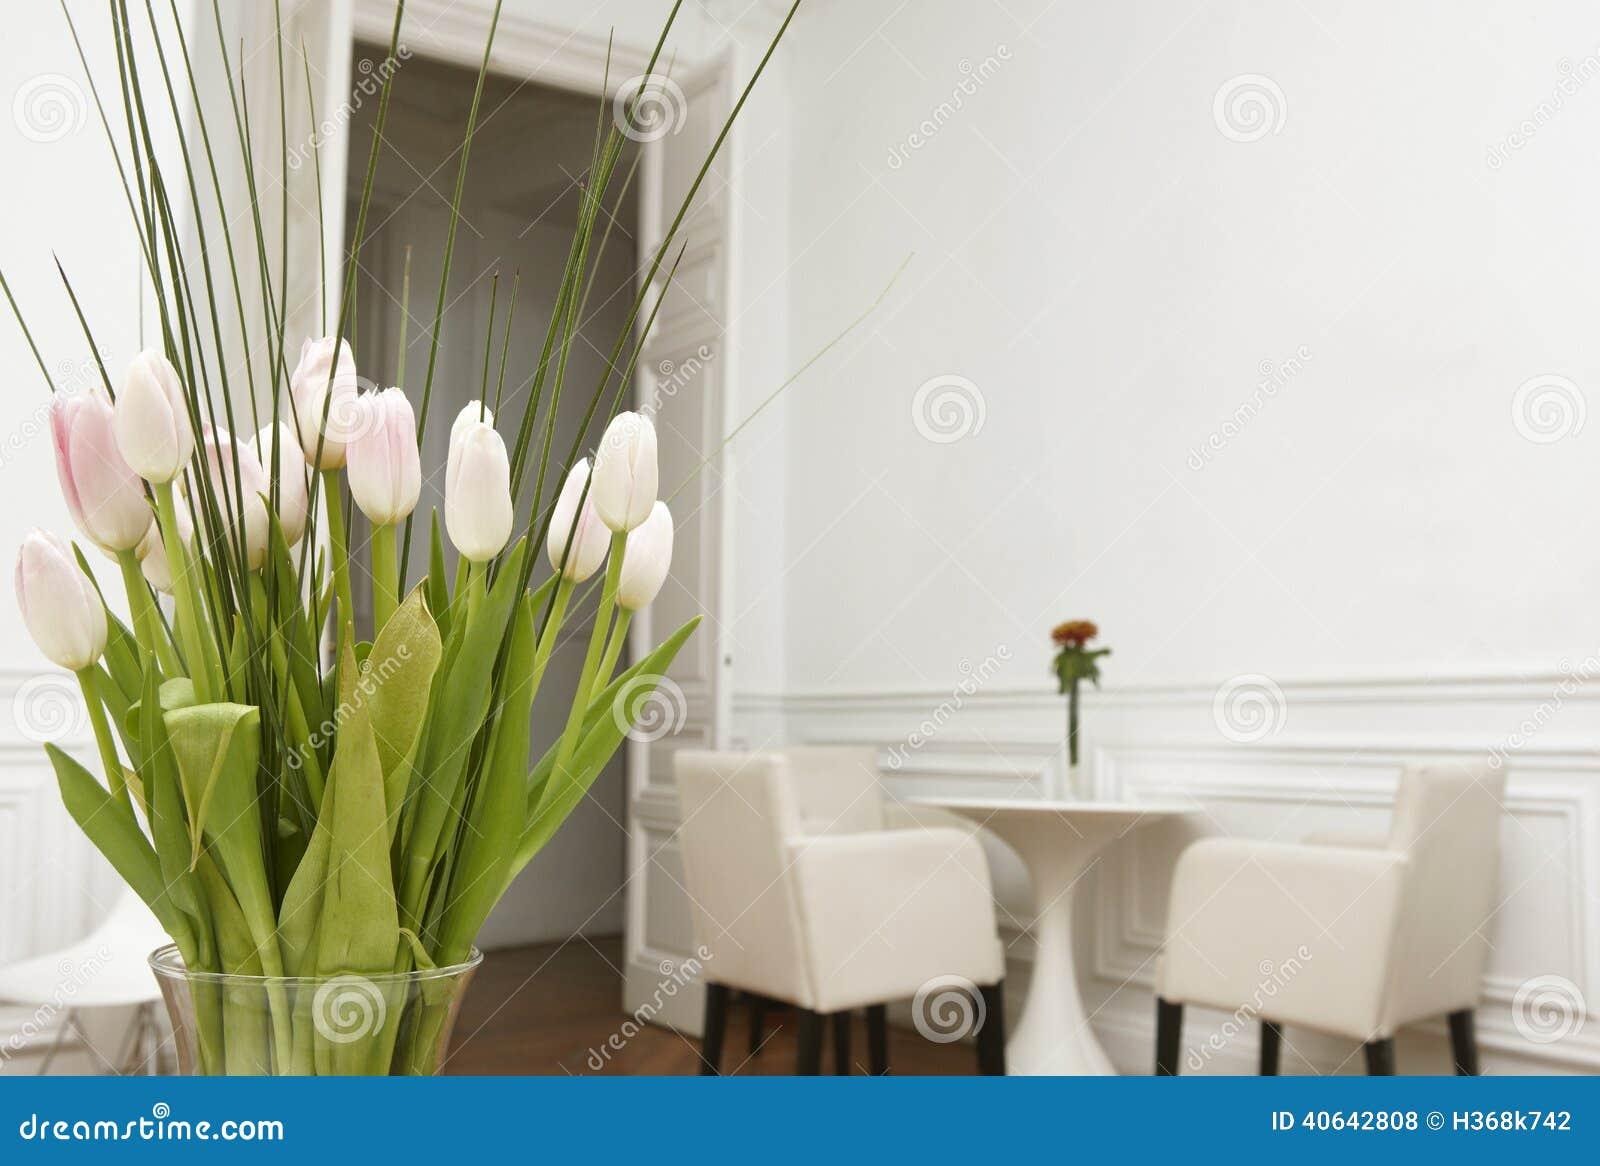 Blommor i en hemmiljö för vitt rum